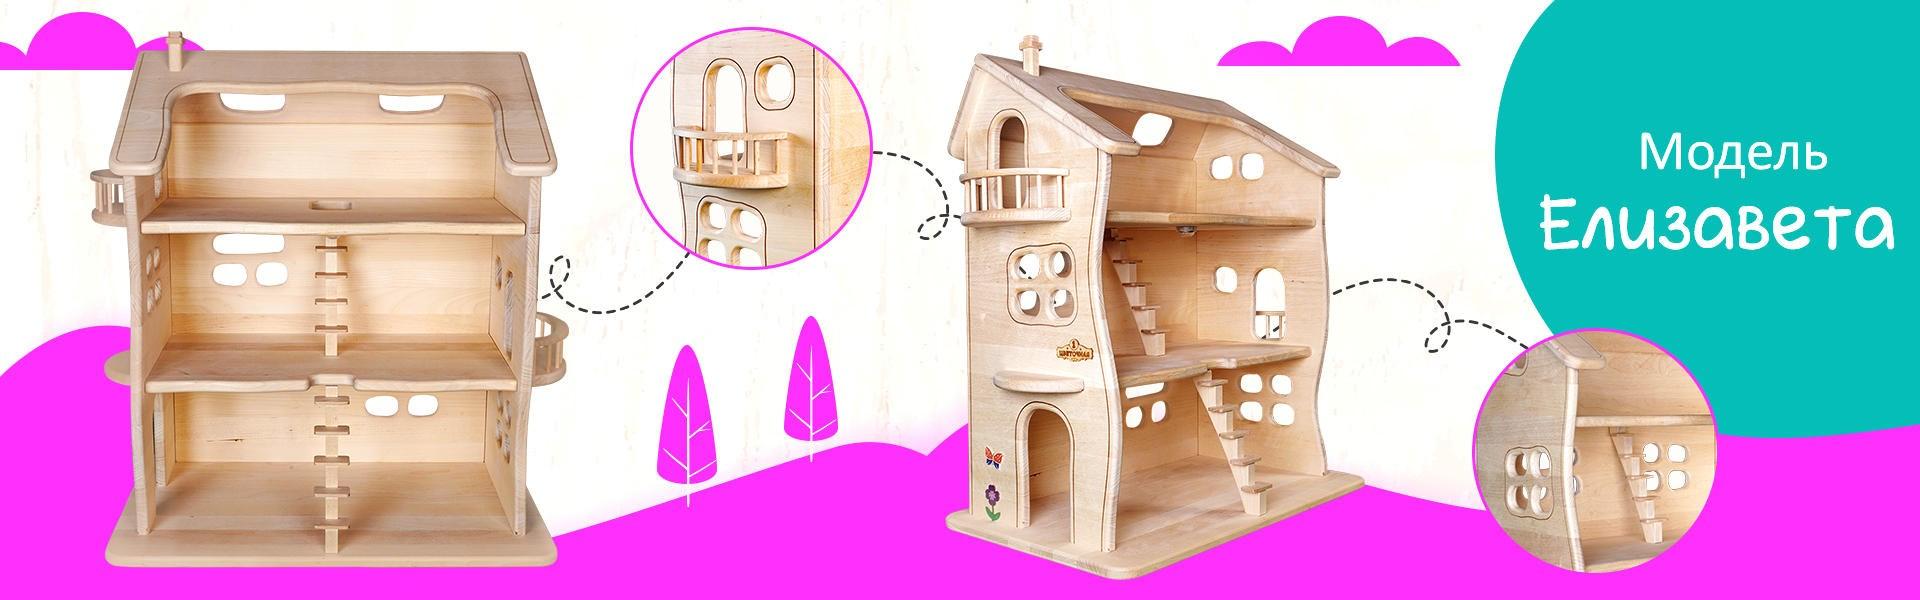 Кукольный домик ЕЛИЗАВЕТА - фото 5258